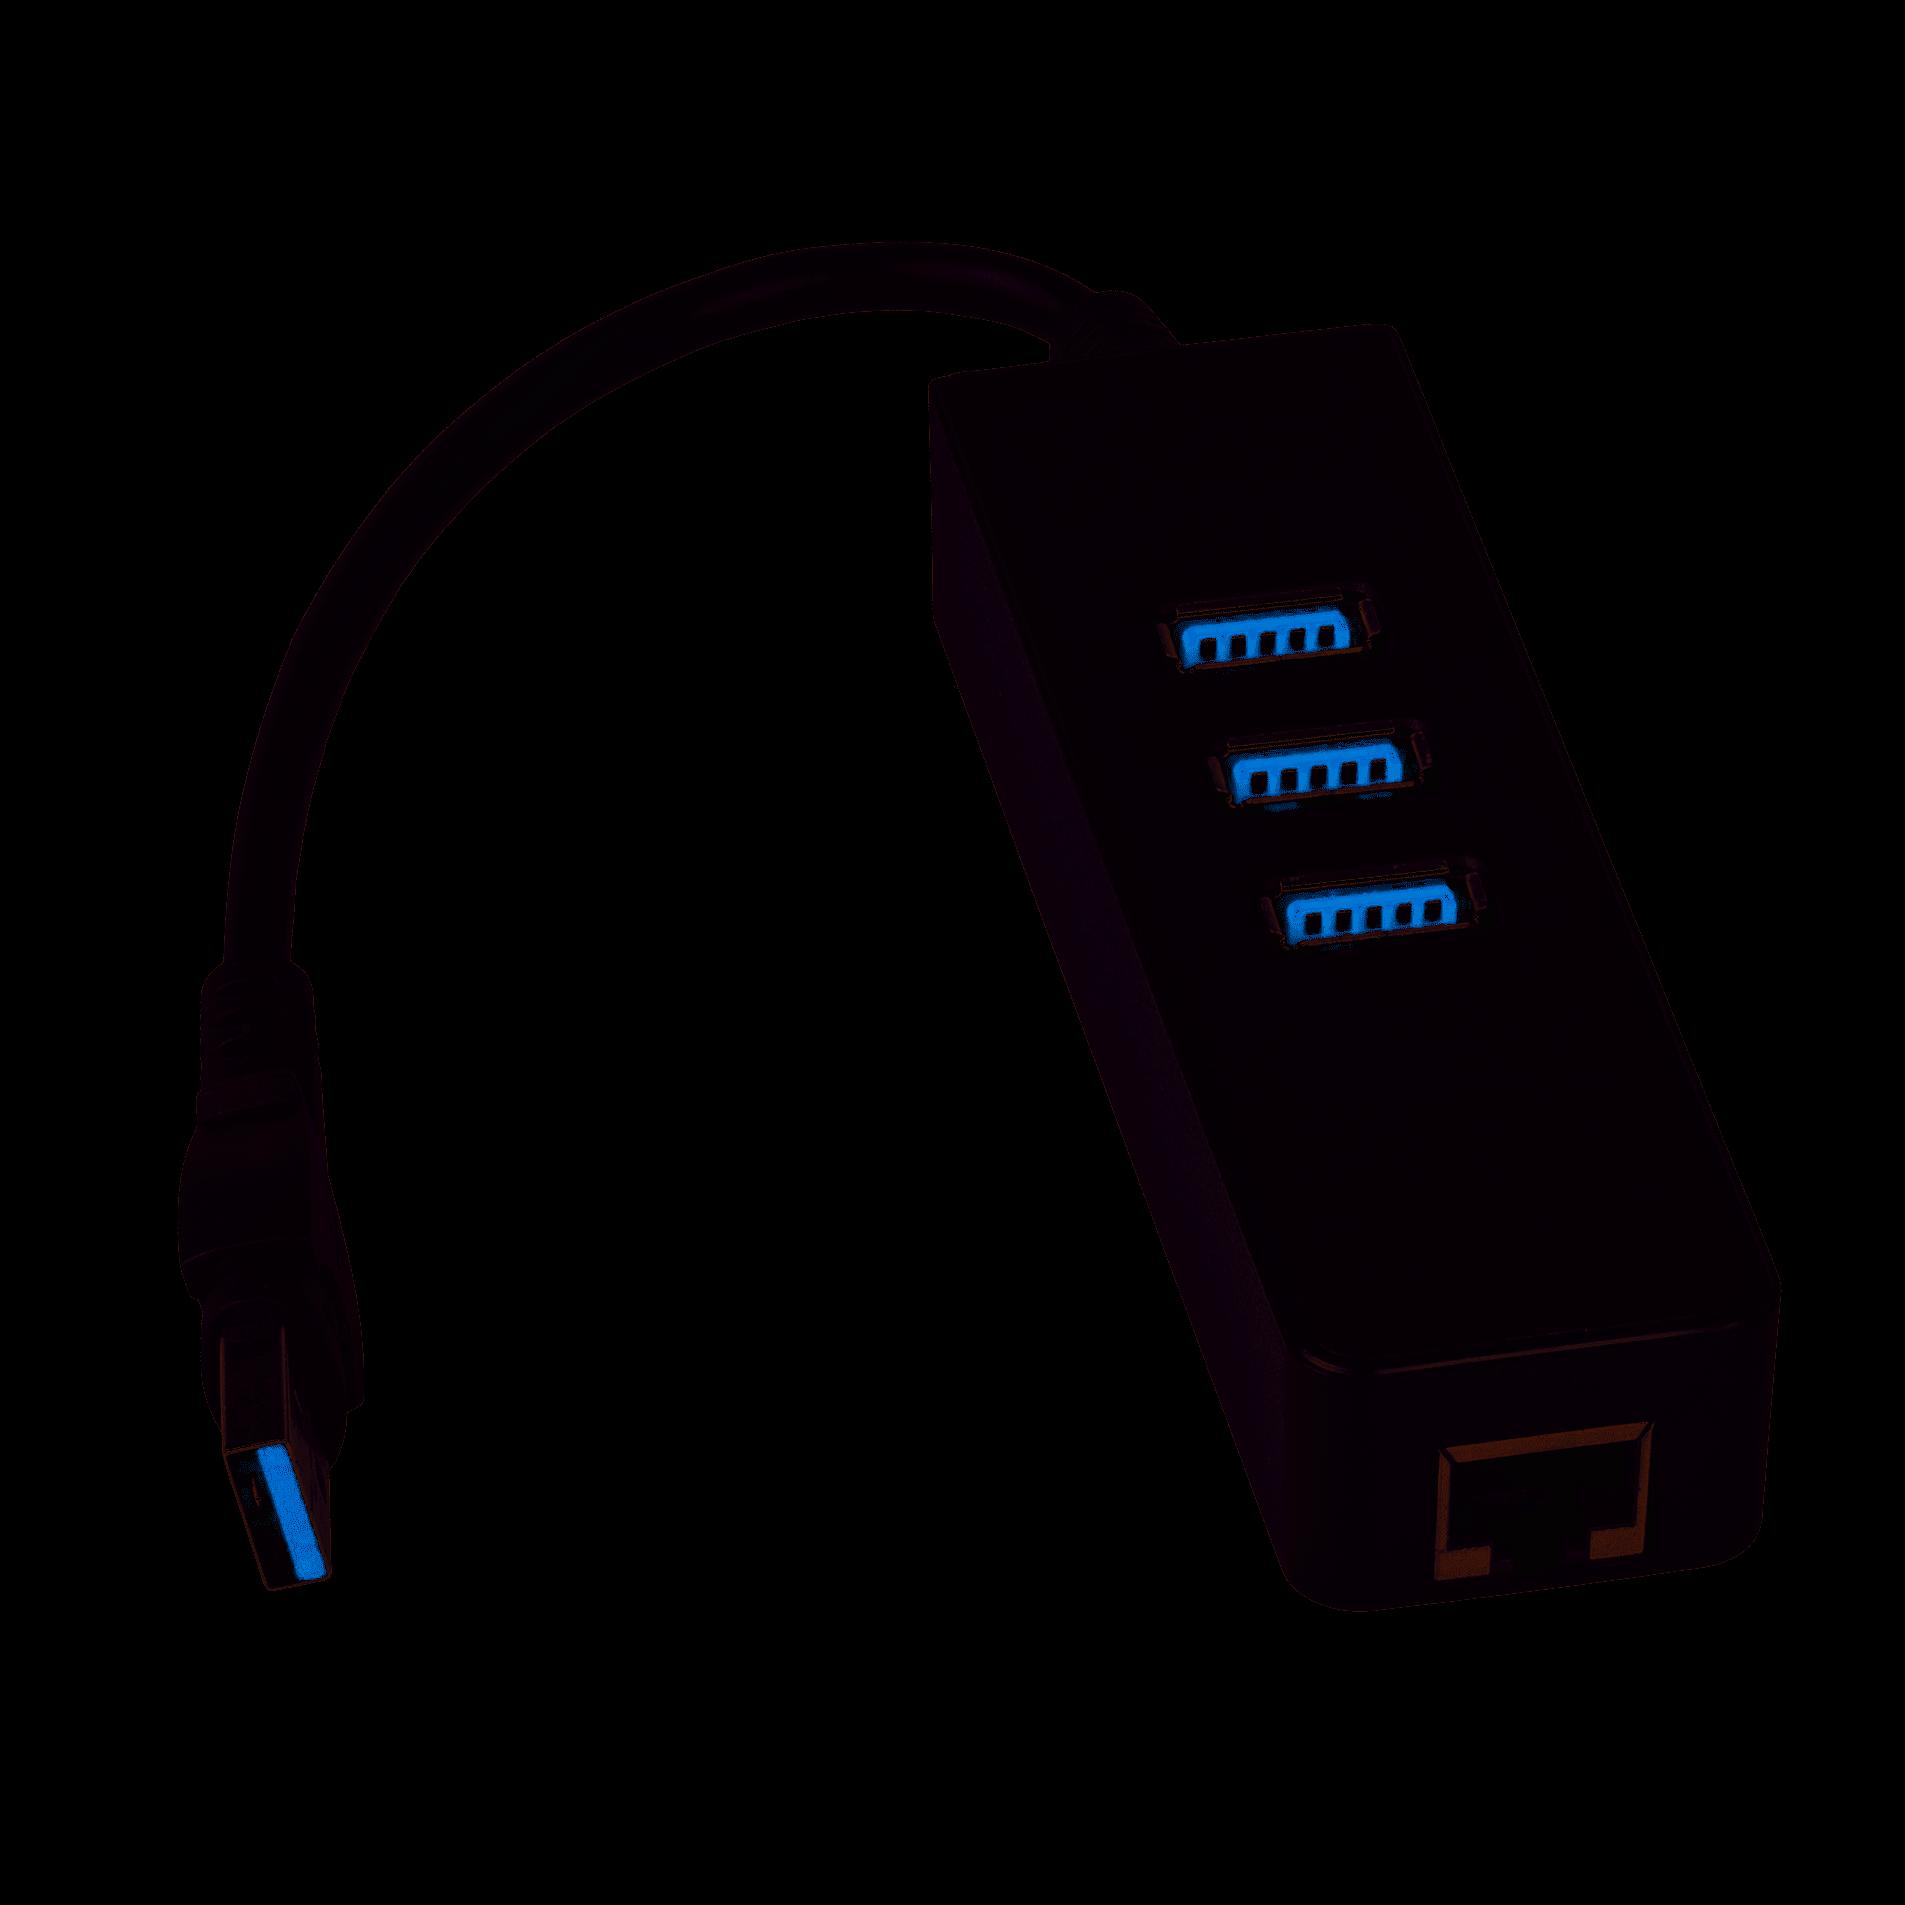 AKYGA HUB USB AK-AD-32 3x USB 3.0 RJ-45 NOVE